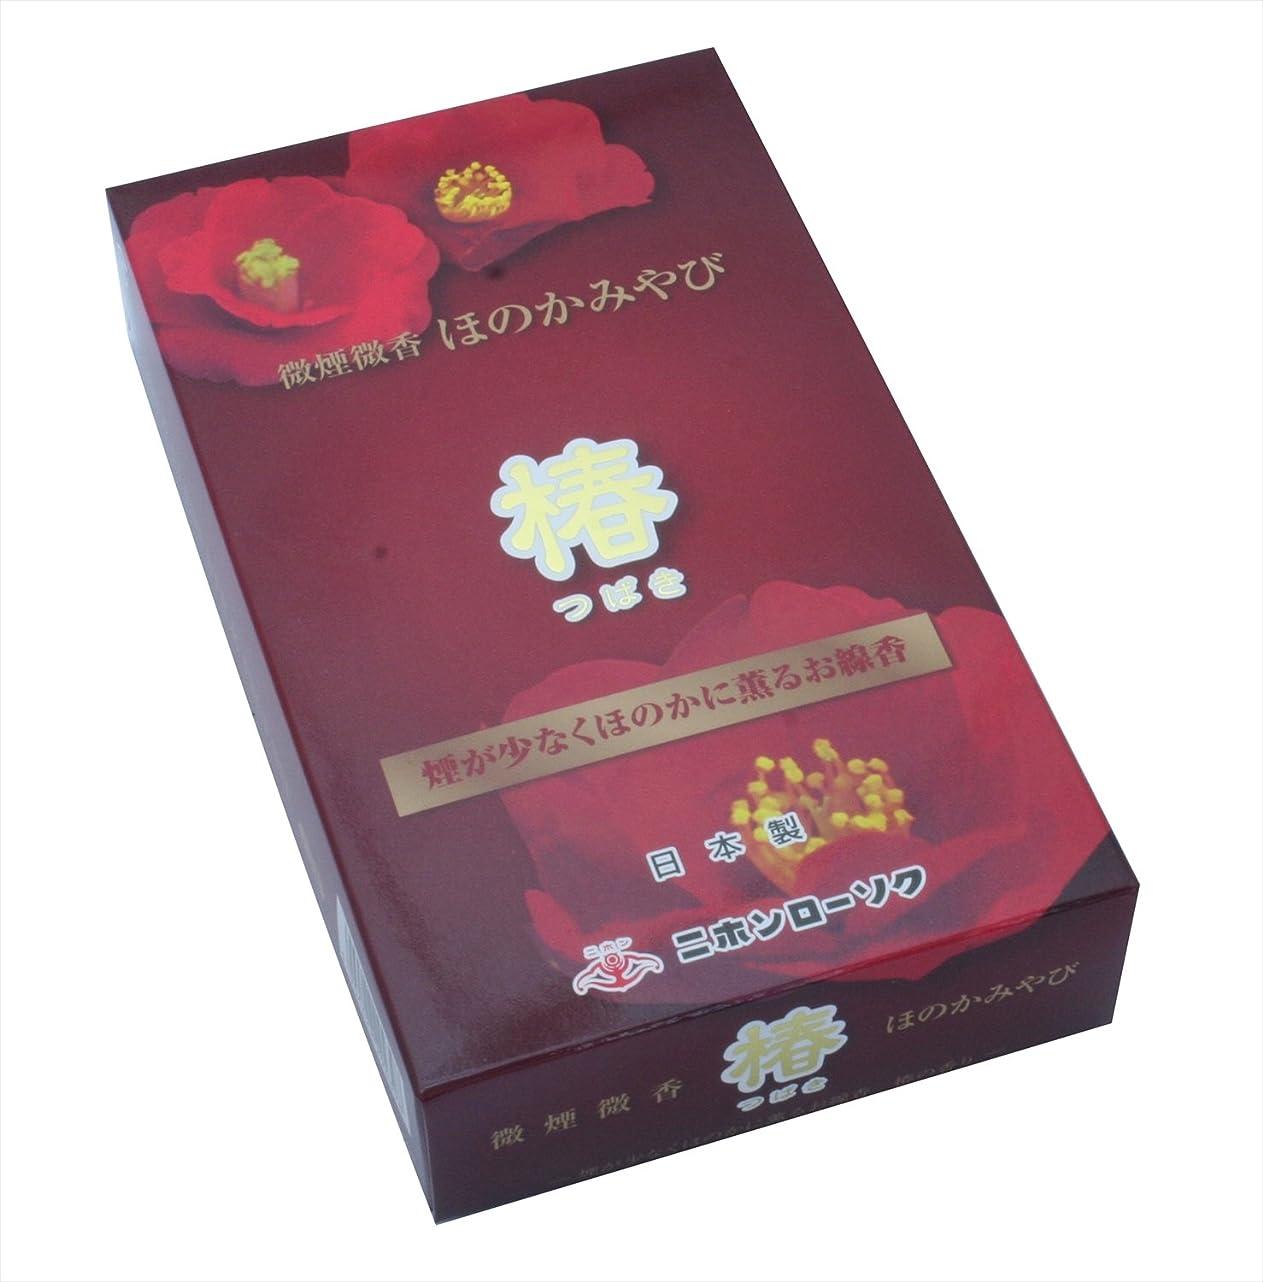 国際ナインへ弾丸ニホンローソク 椿シリーズ 微煙微香 ほのかみやび 椿TSUBAKI